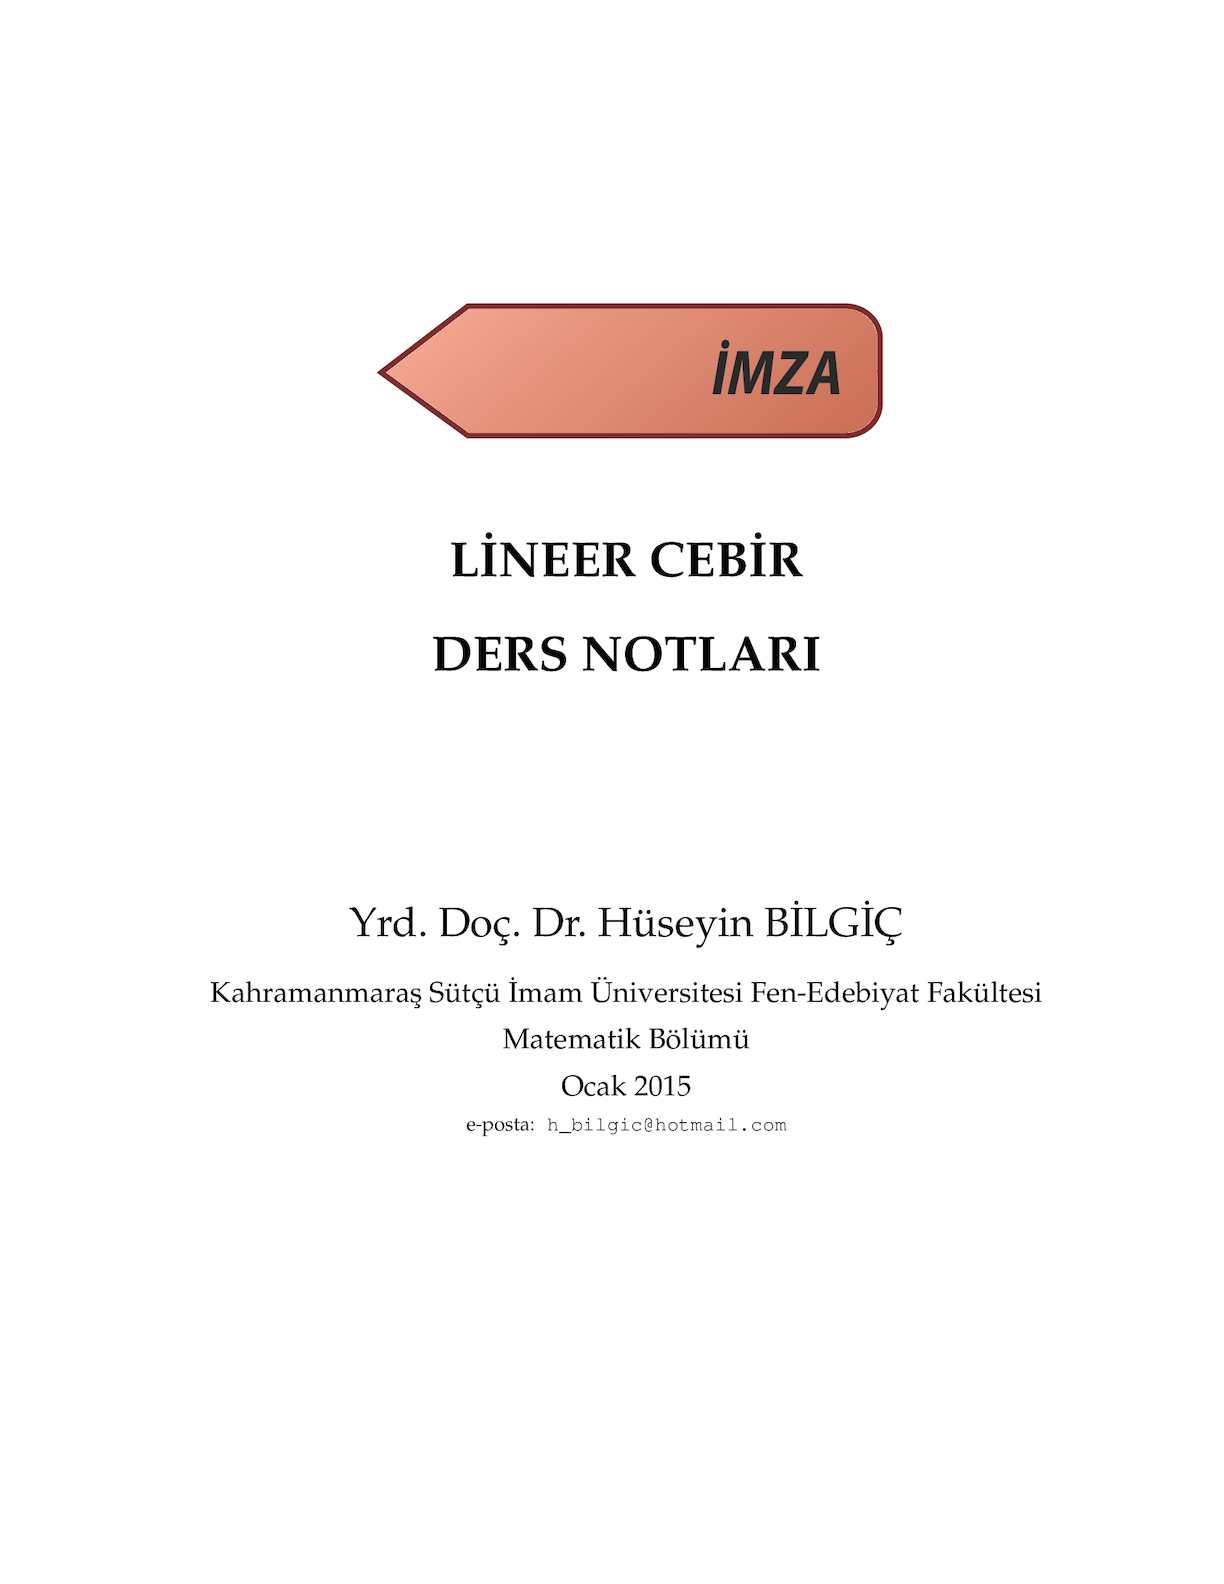 Lineer Cebir - Yrd.Doç.Dr. Hüseyin Bilgiç